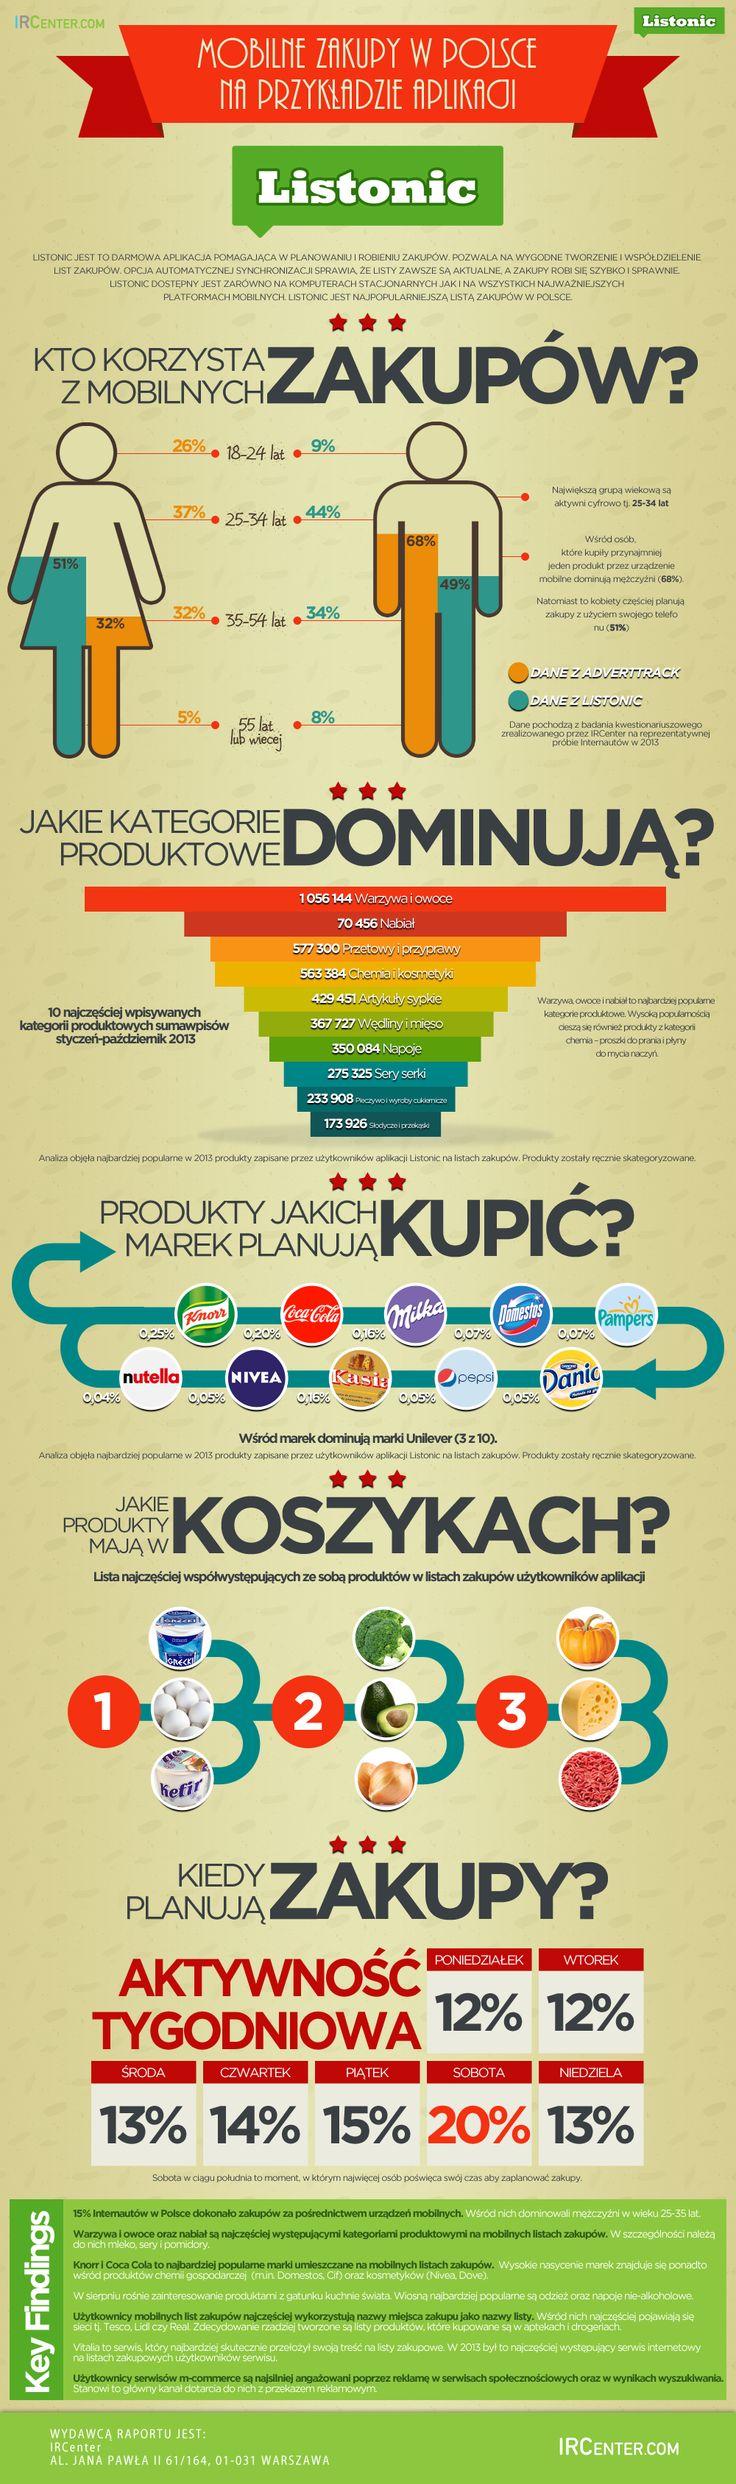 Mobilne zakupy w Polsce by Listonic